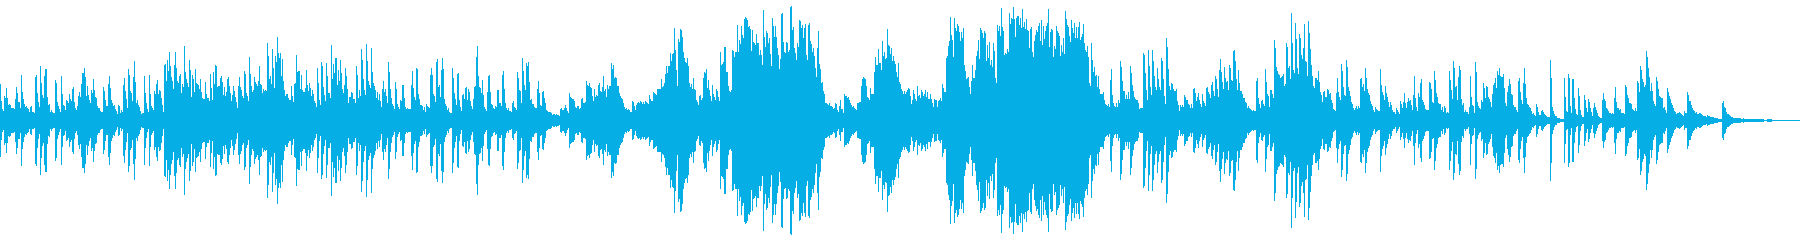 ショパン 前奏曲第15番 雨だれの再生済みの波形